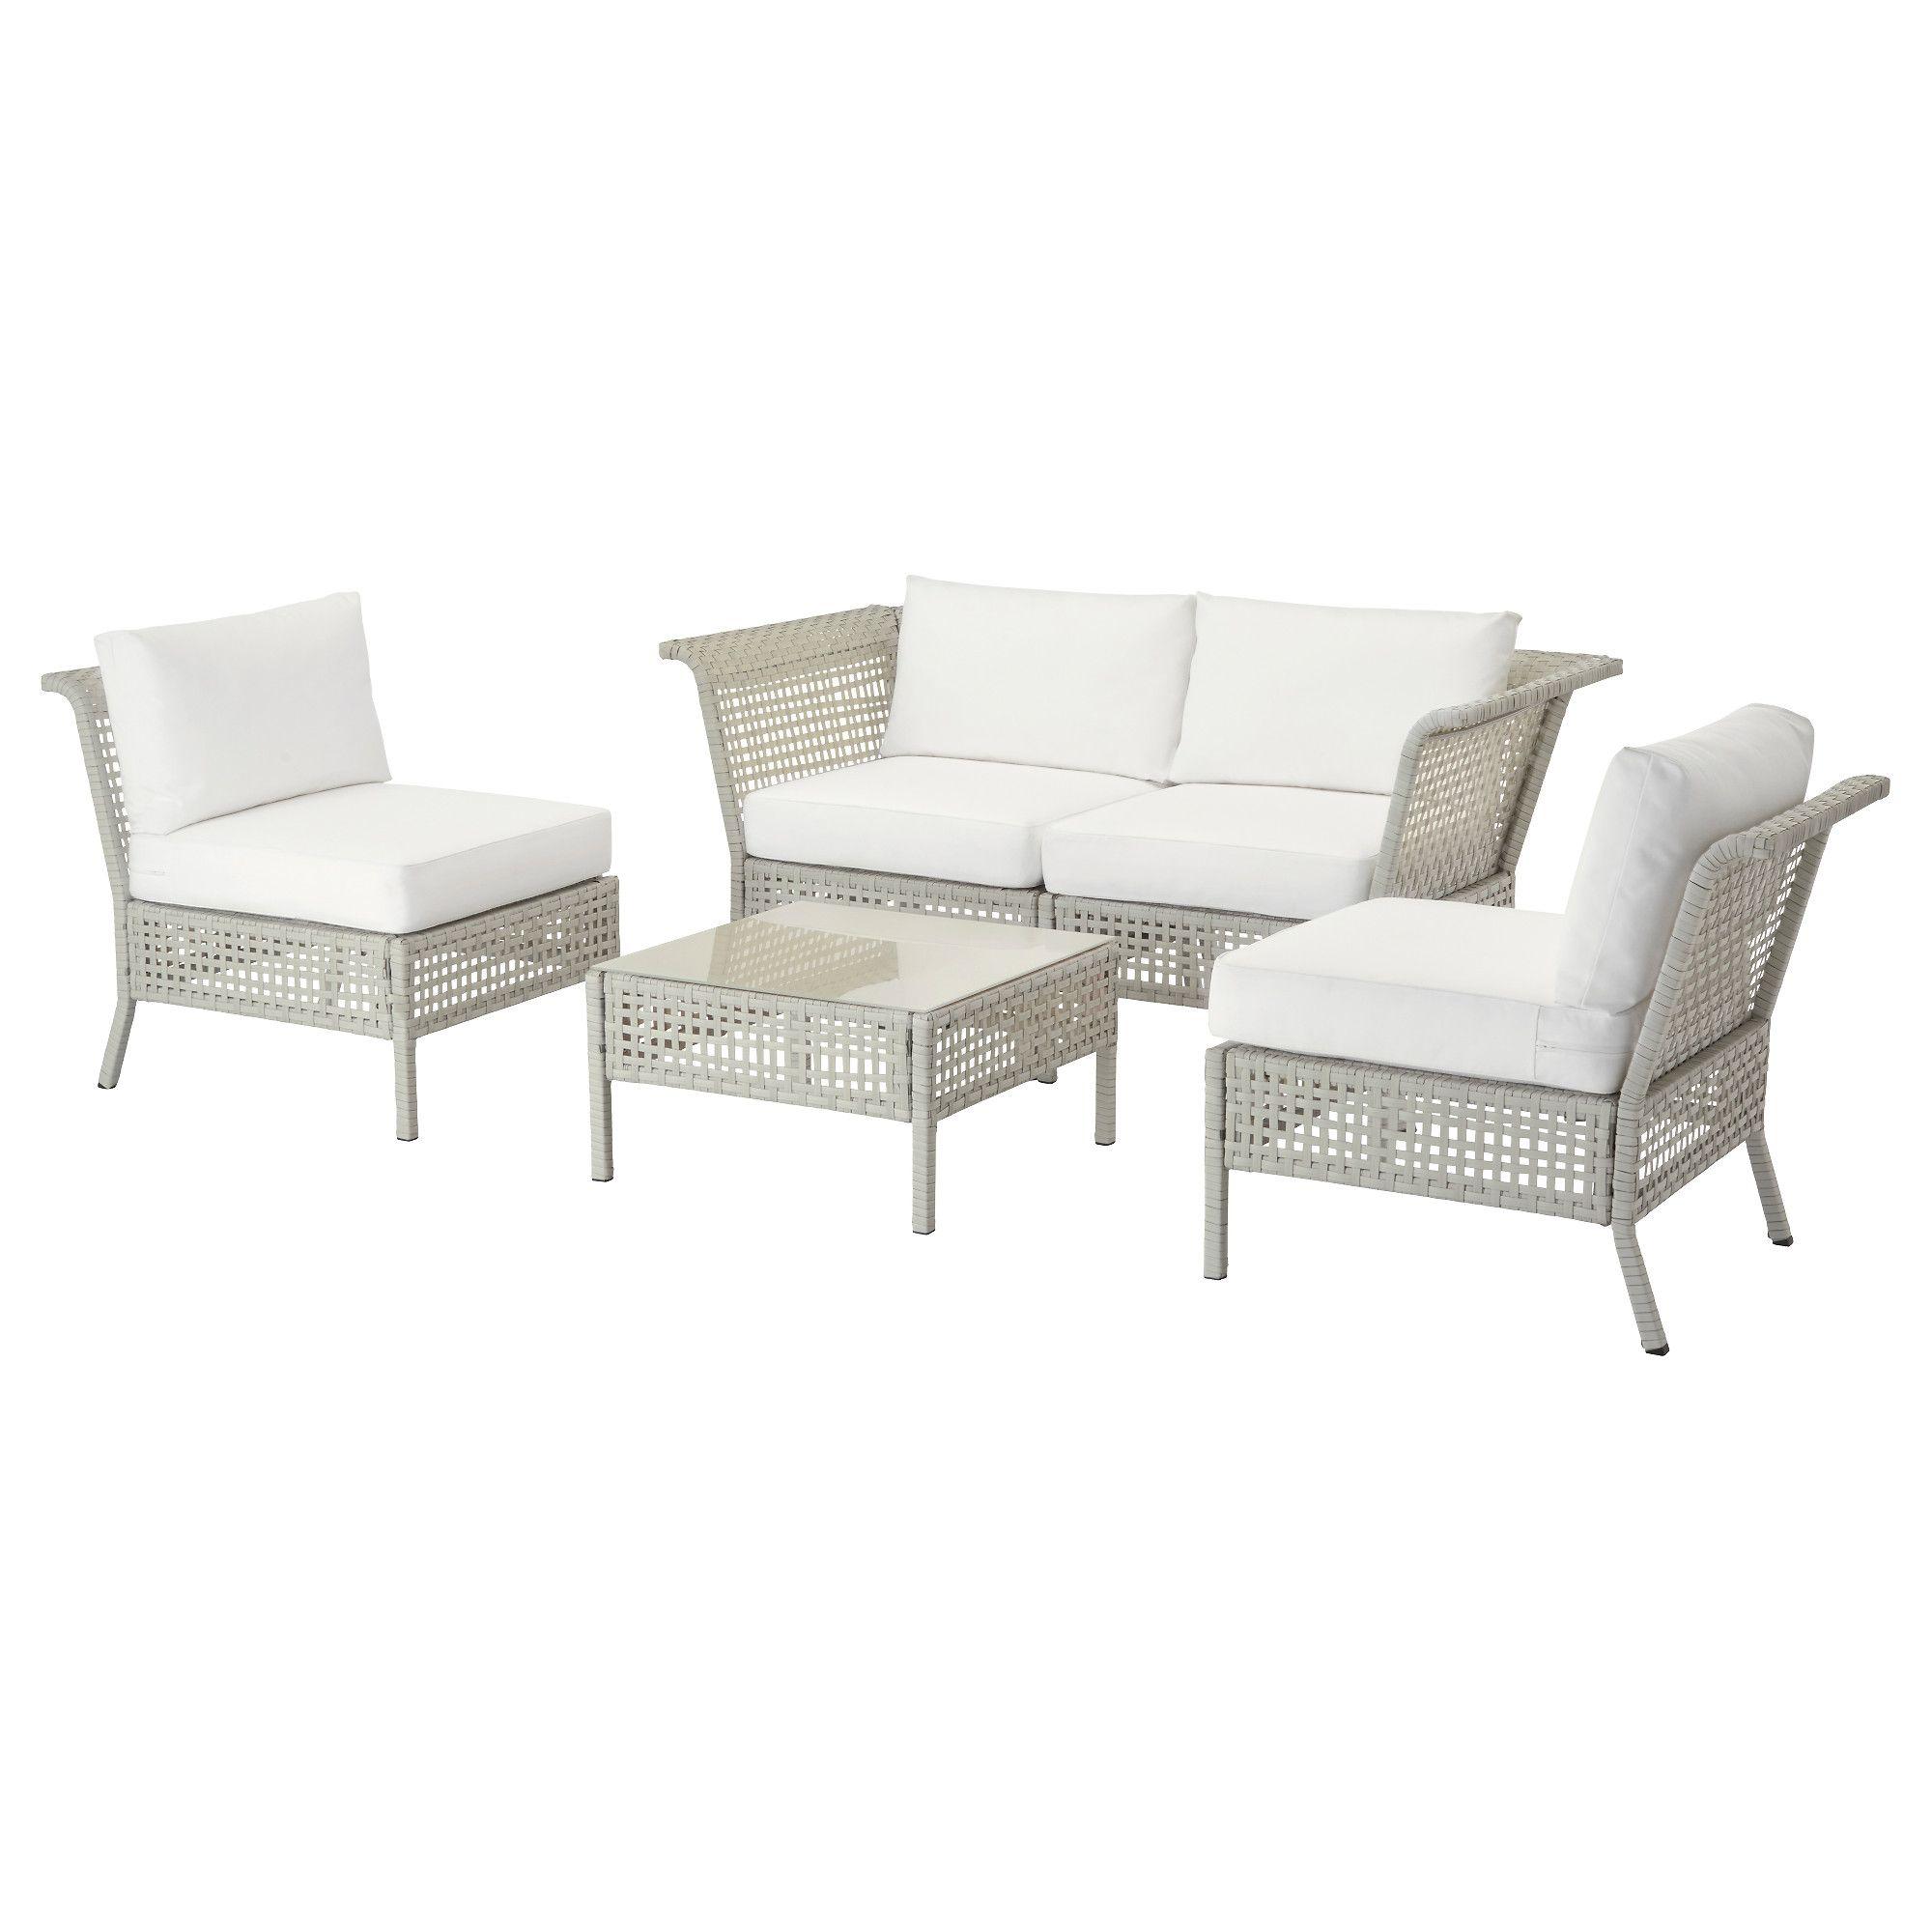 Ikea gartenmöbel weiß  KUNGSHOLMEN / KUNGSÖ, 4er-Sitzgruppe/außen, hellgrau, weiß Jetzt ...